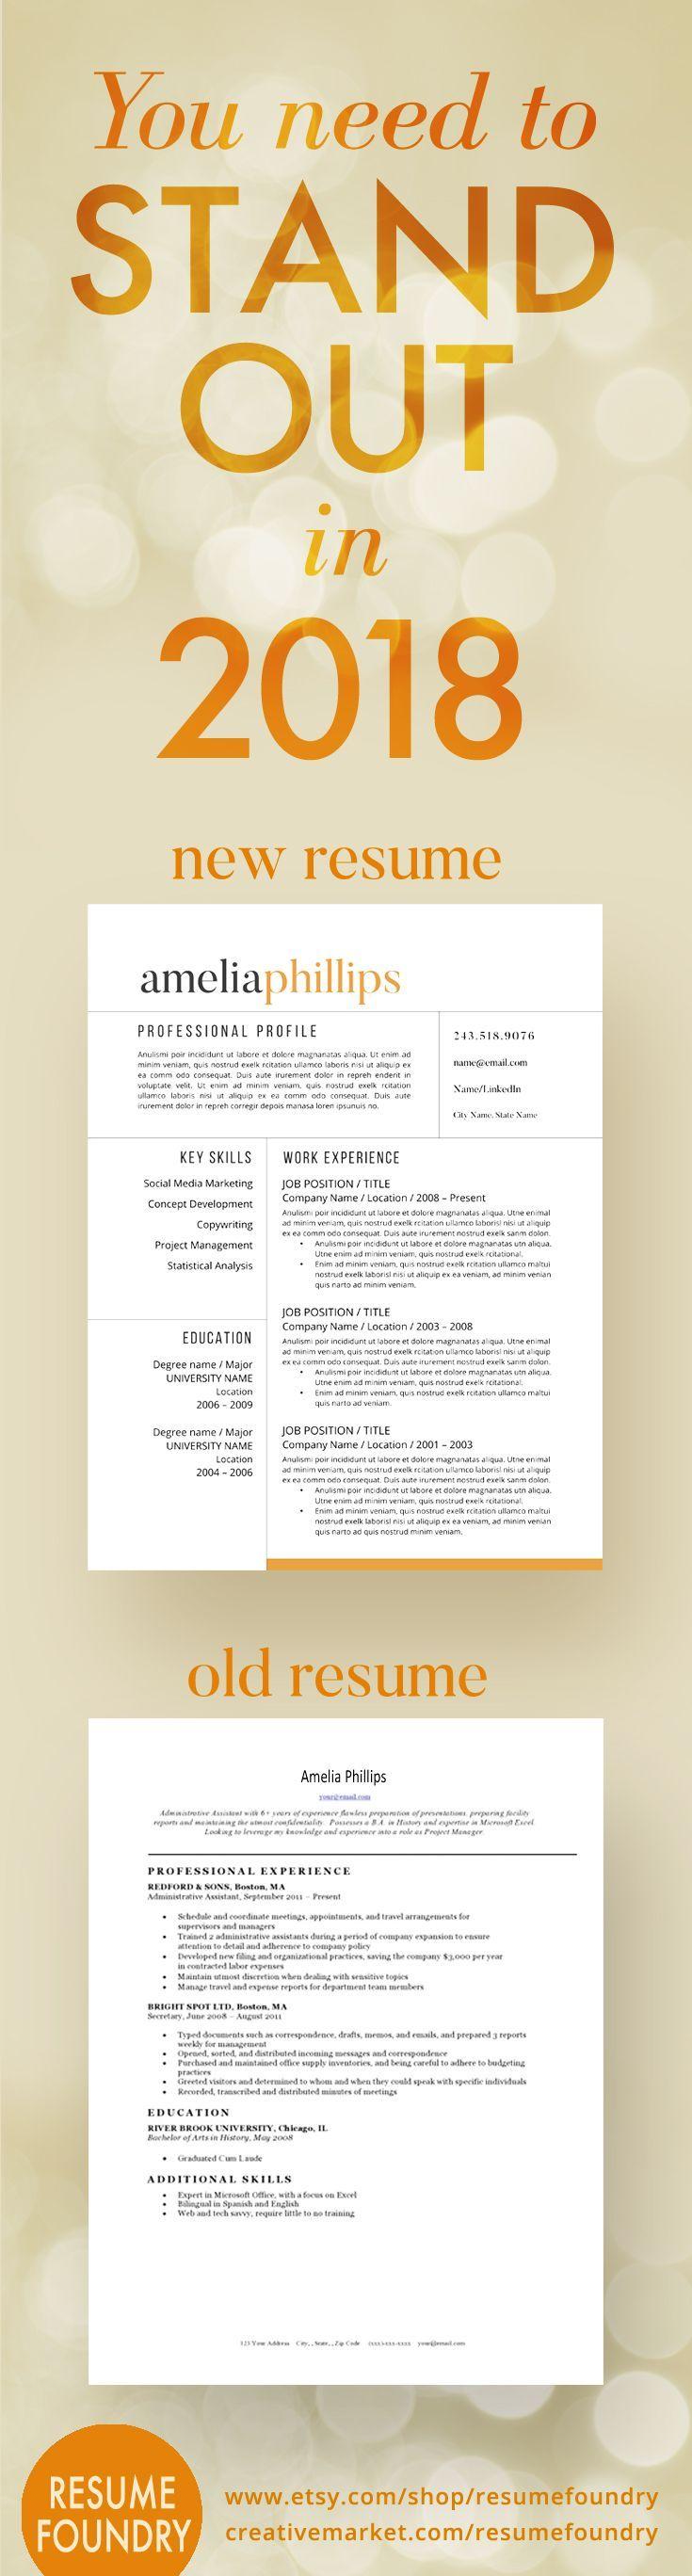 Best Cv  Resume Design Images On   Resume Design